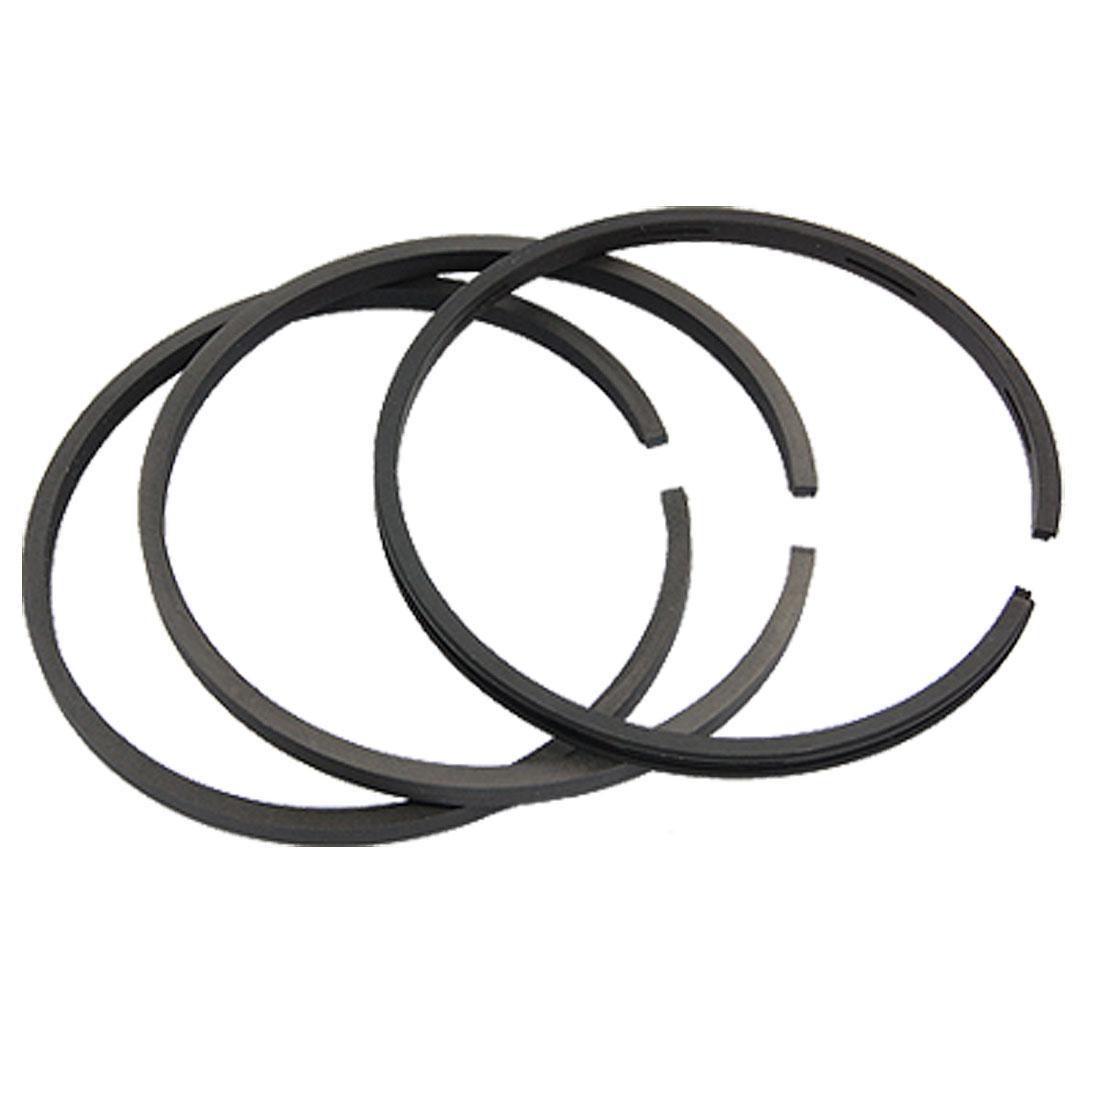 Air Compressor Replacement 105.66mm Inner Diameter Piston Rings Set 3 Pcs